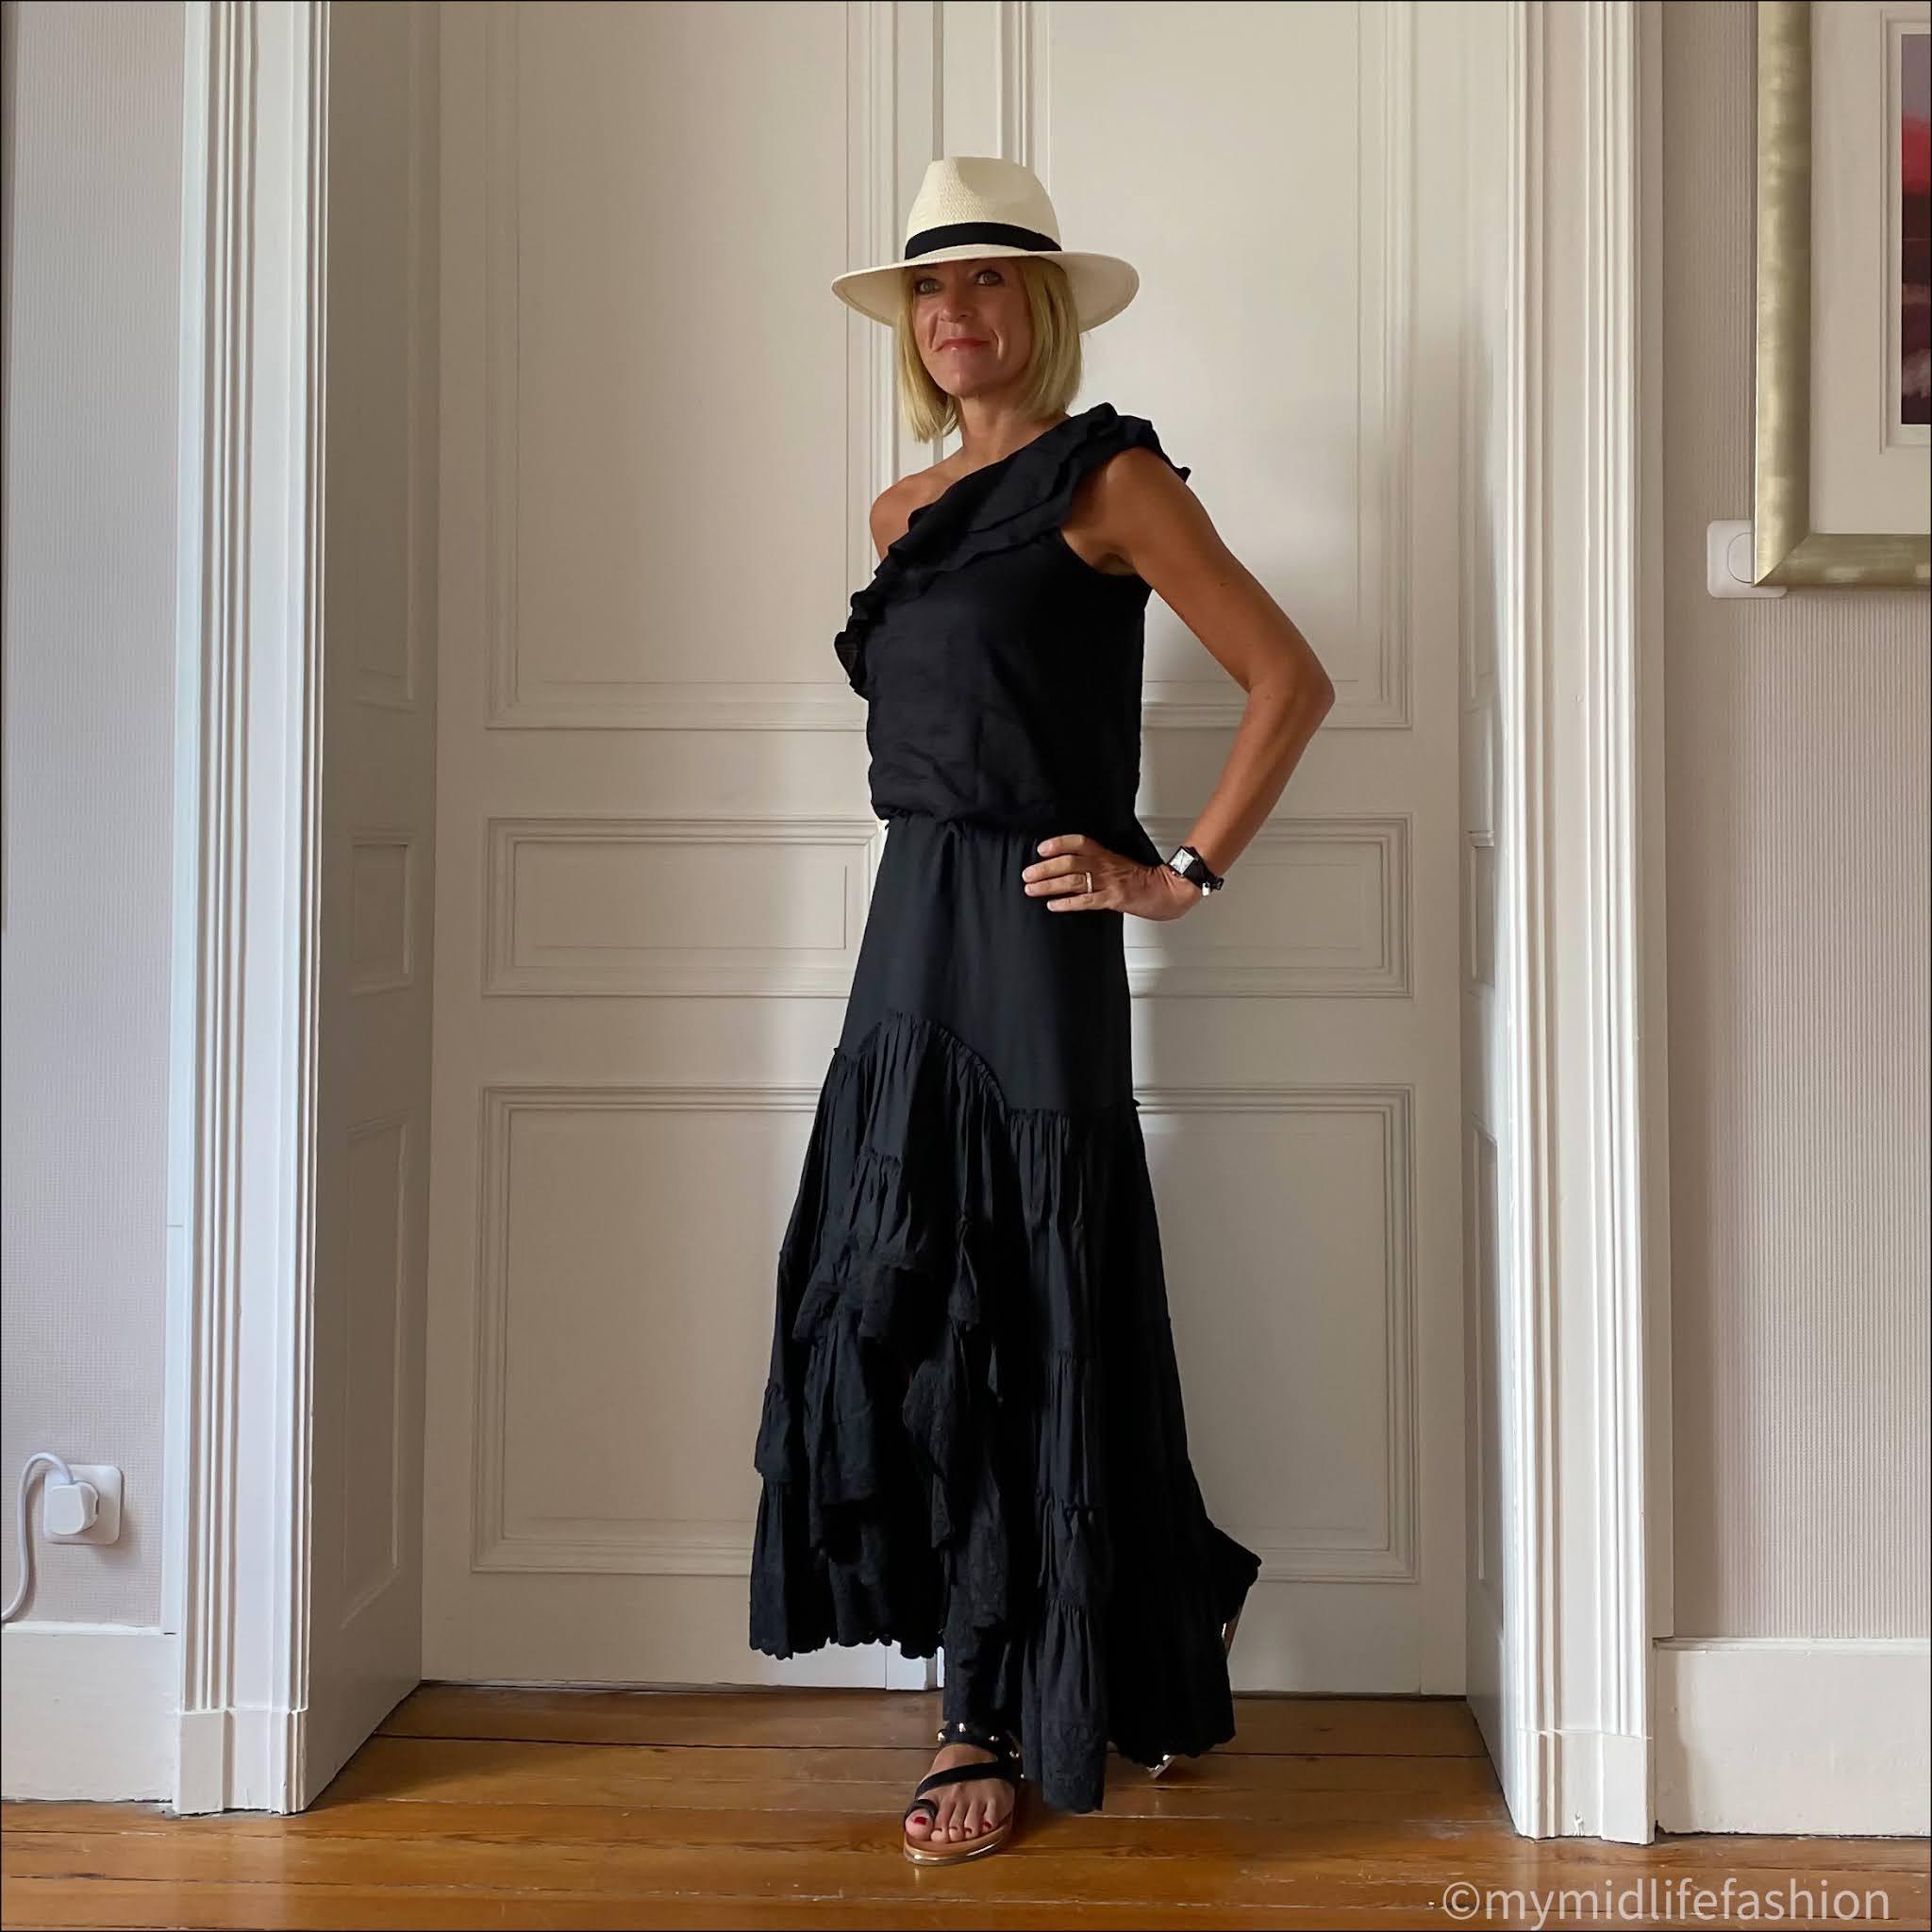 my midlife fashion, Zara Panama hat, Isabel marant etoile off the shoulder top, Isabel marant etoile tiered maxi skirt, carvela karafe sandals